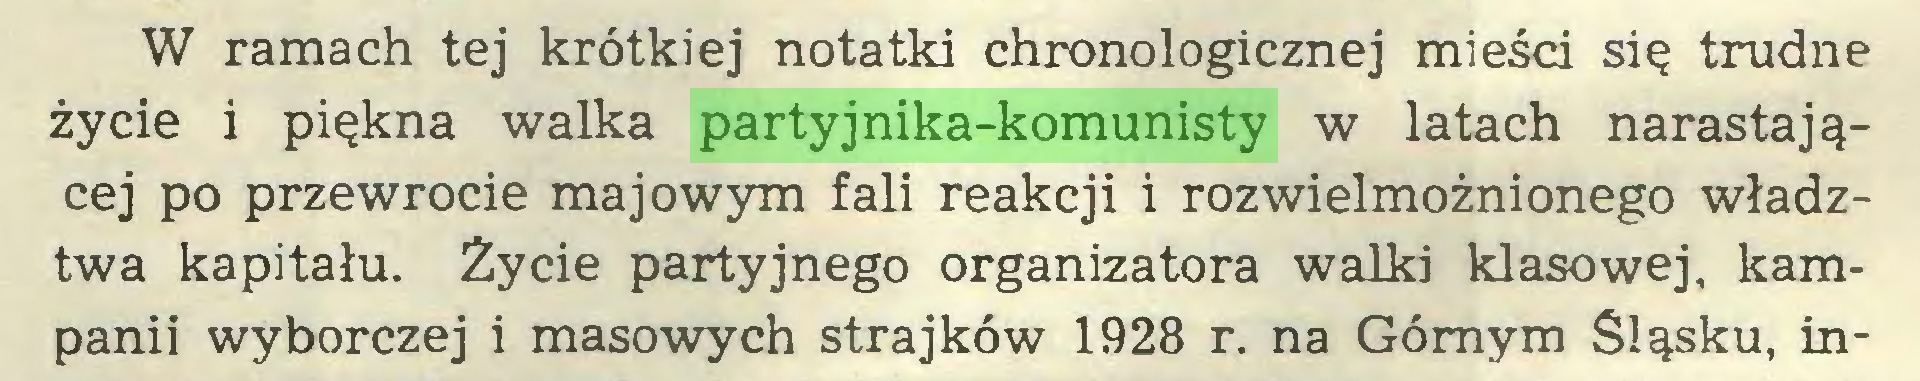 (...) W ramach tej krótkiej notatki chronologicznej mieści się trudne życie i piękna walka partyjnika-komunisty w latach narastającej po przewrocie majowym fali reakcji i rozwielmożnionego władztwa kapitału. Życie partyjnego organizatora walki klasowej, kampanii wyborczej i masowych strajków 1928 r. na Górnym Śląsku, in...